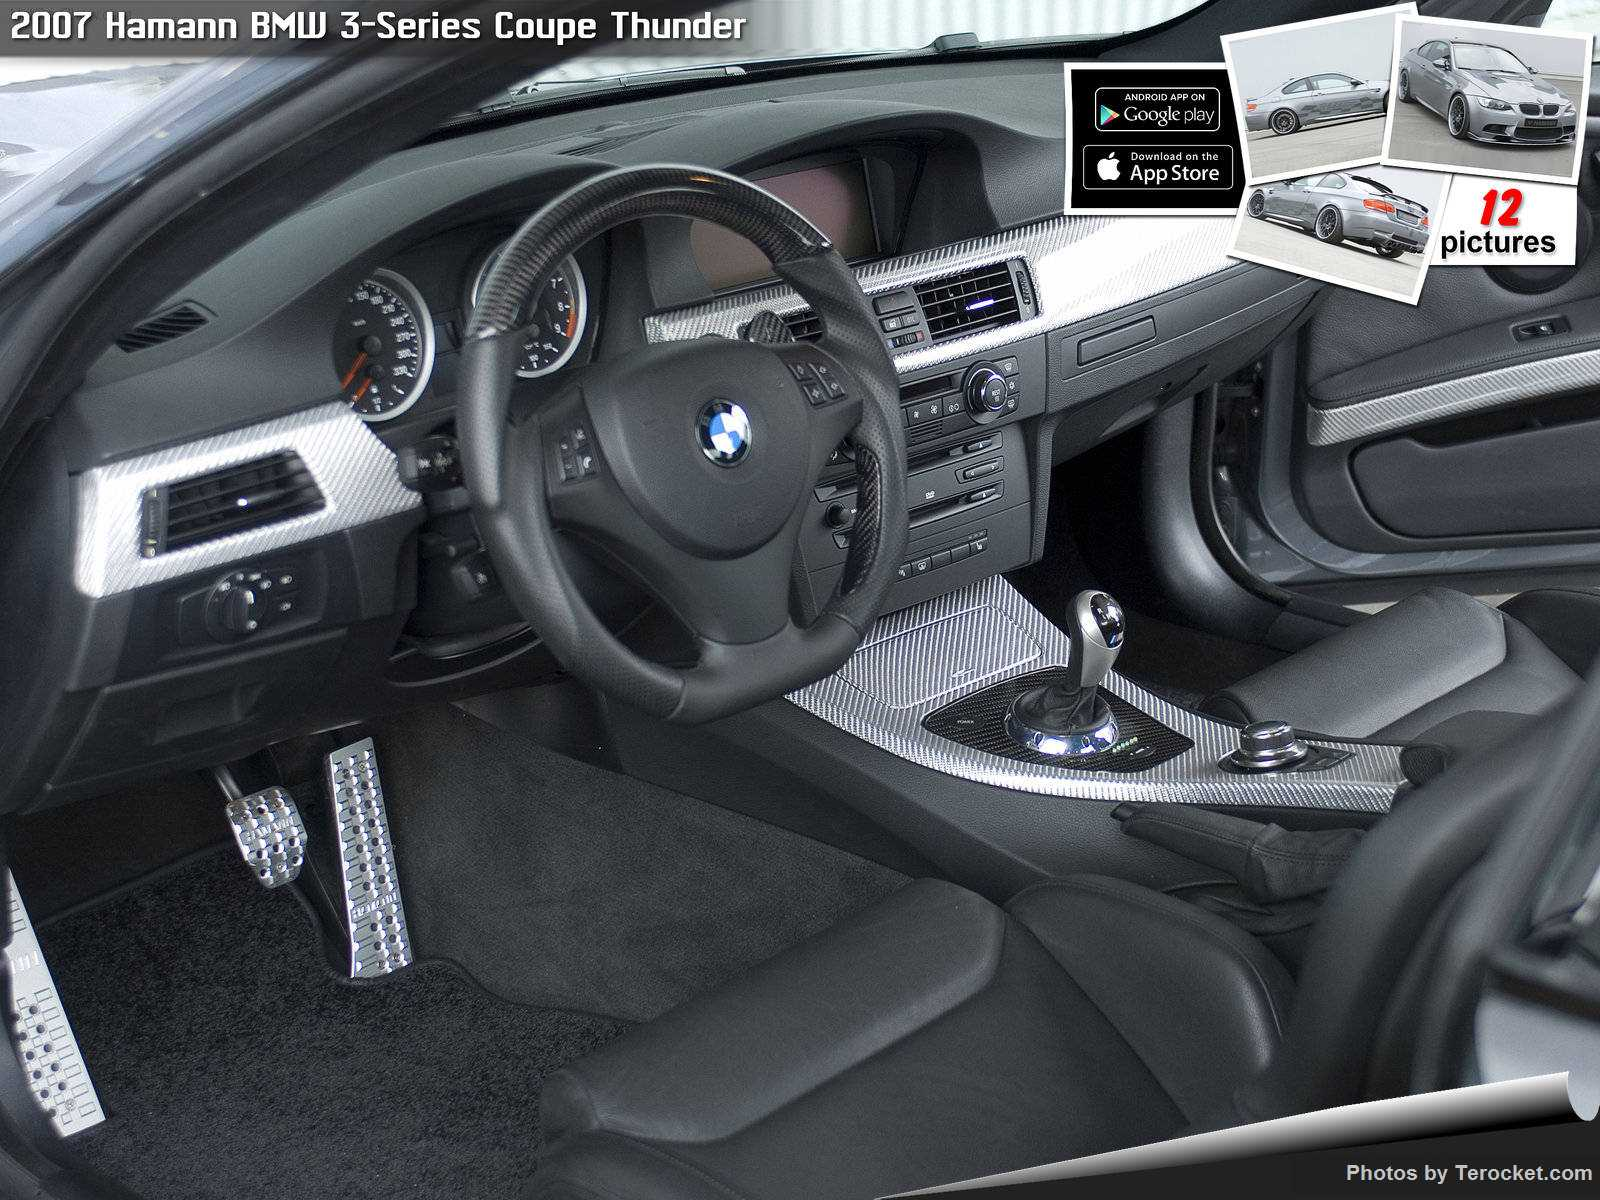 Hình ảnh xe ô tô Hamann BMW 3-Series Coupe Thunder 2007 & nội ngoại thất